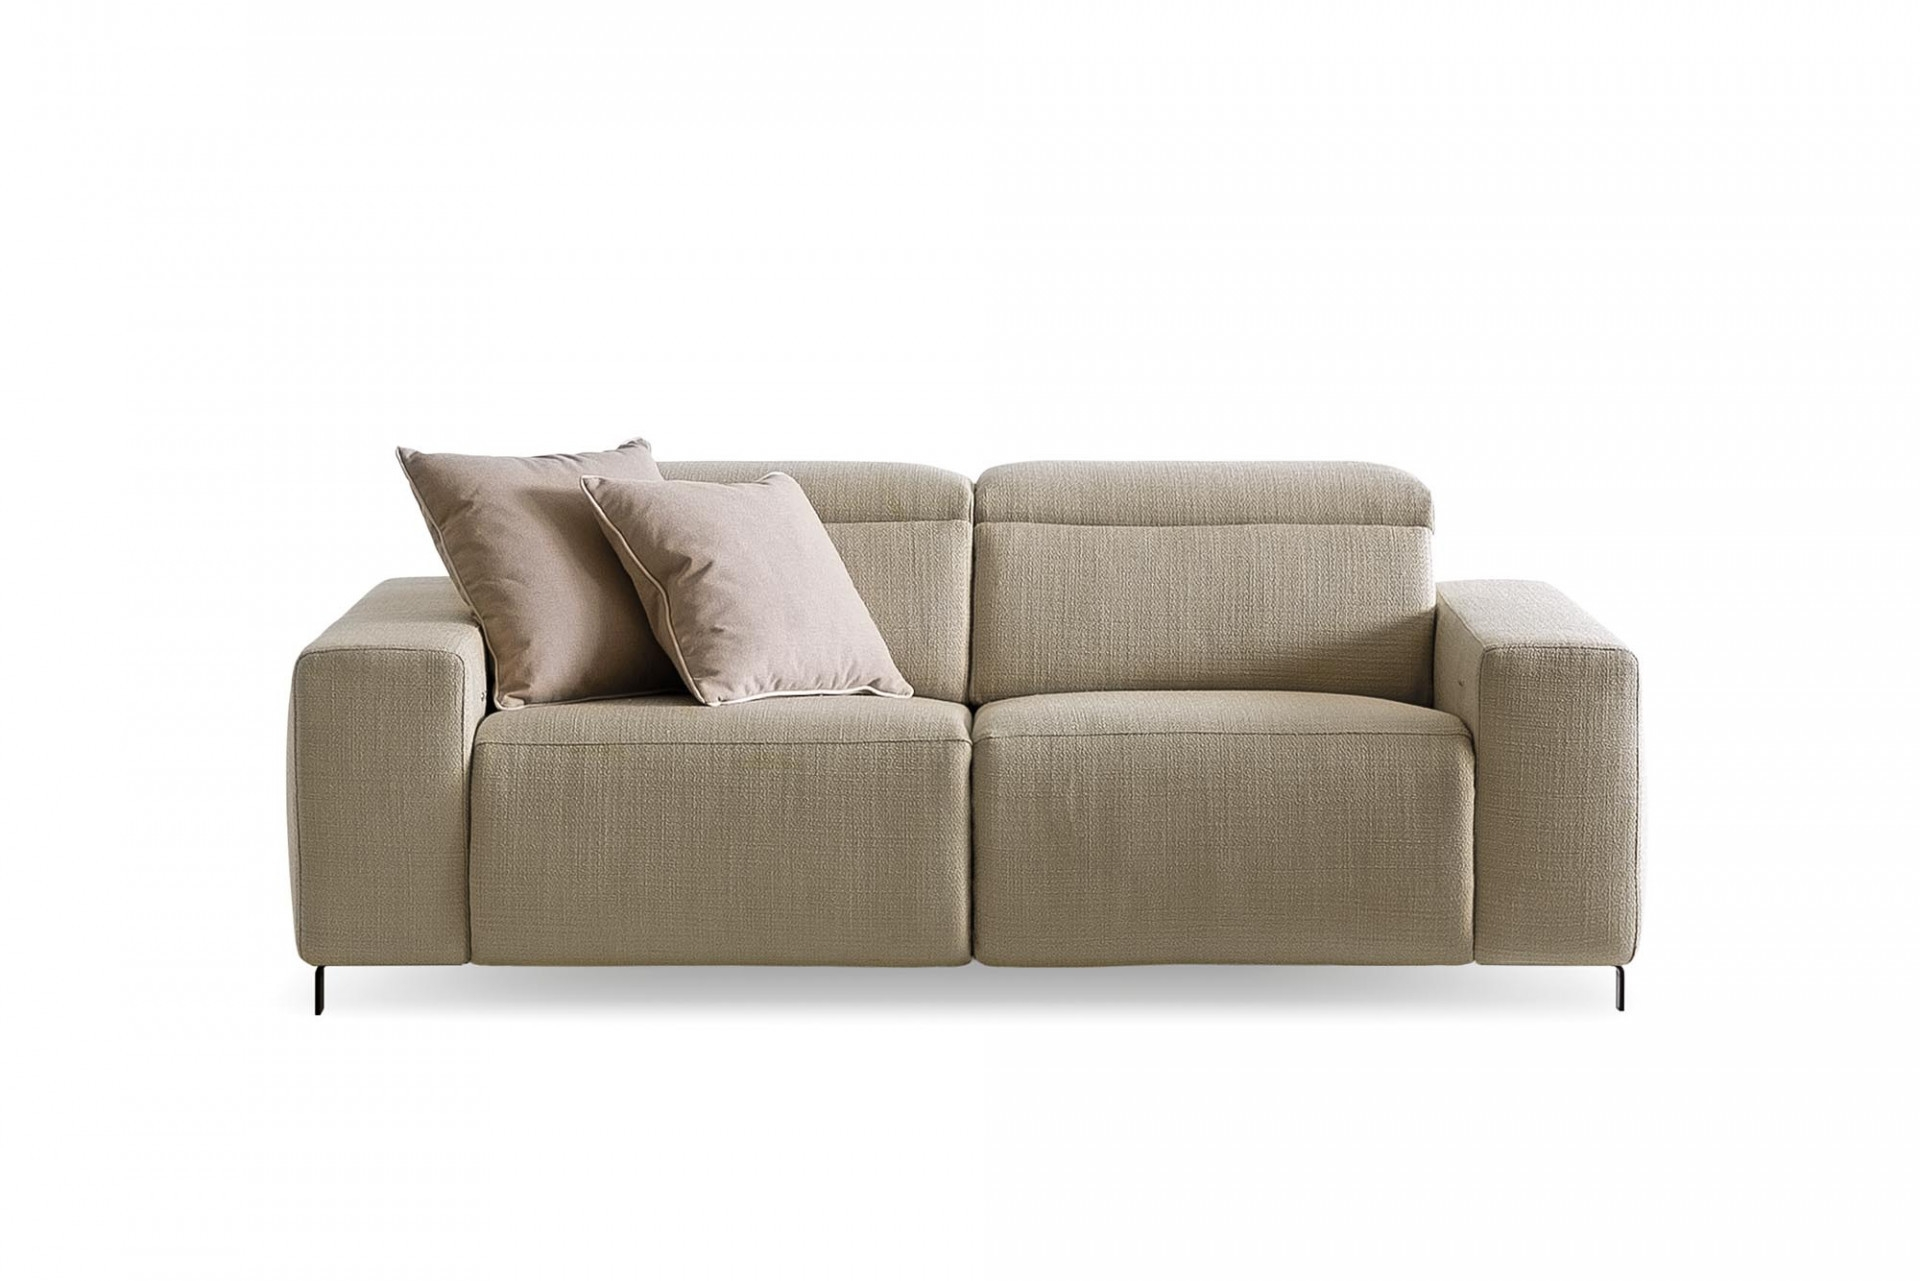 Canapea fixa 2 locuri, mecanism Relax, Sebastian Bej, l186xA106xH75 cm